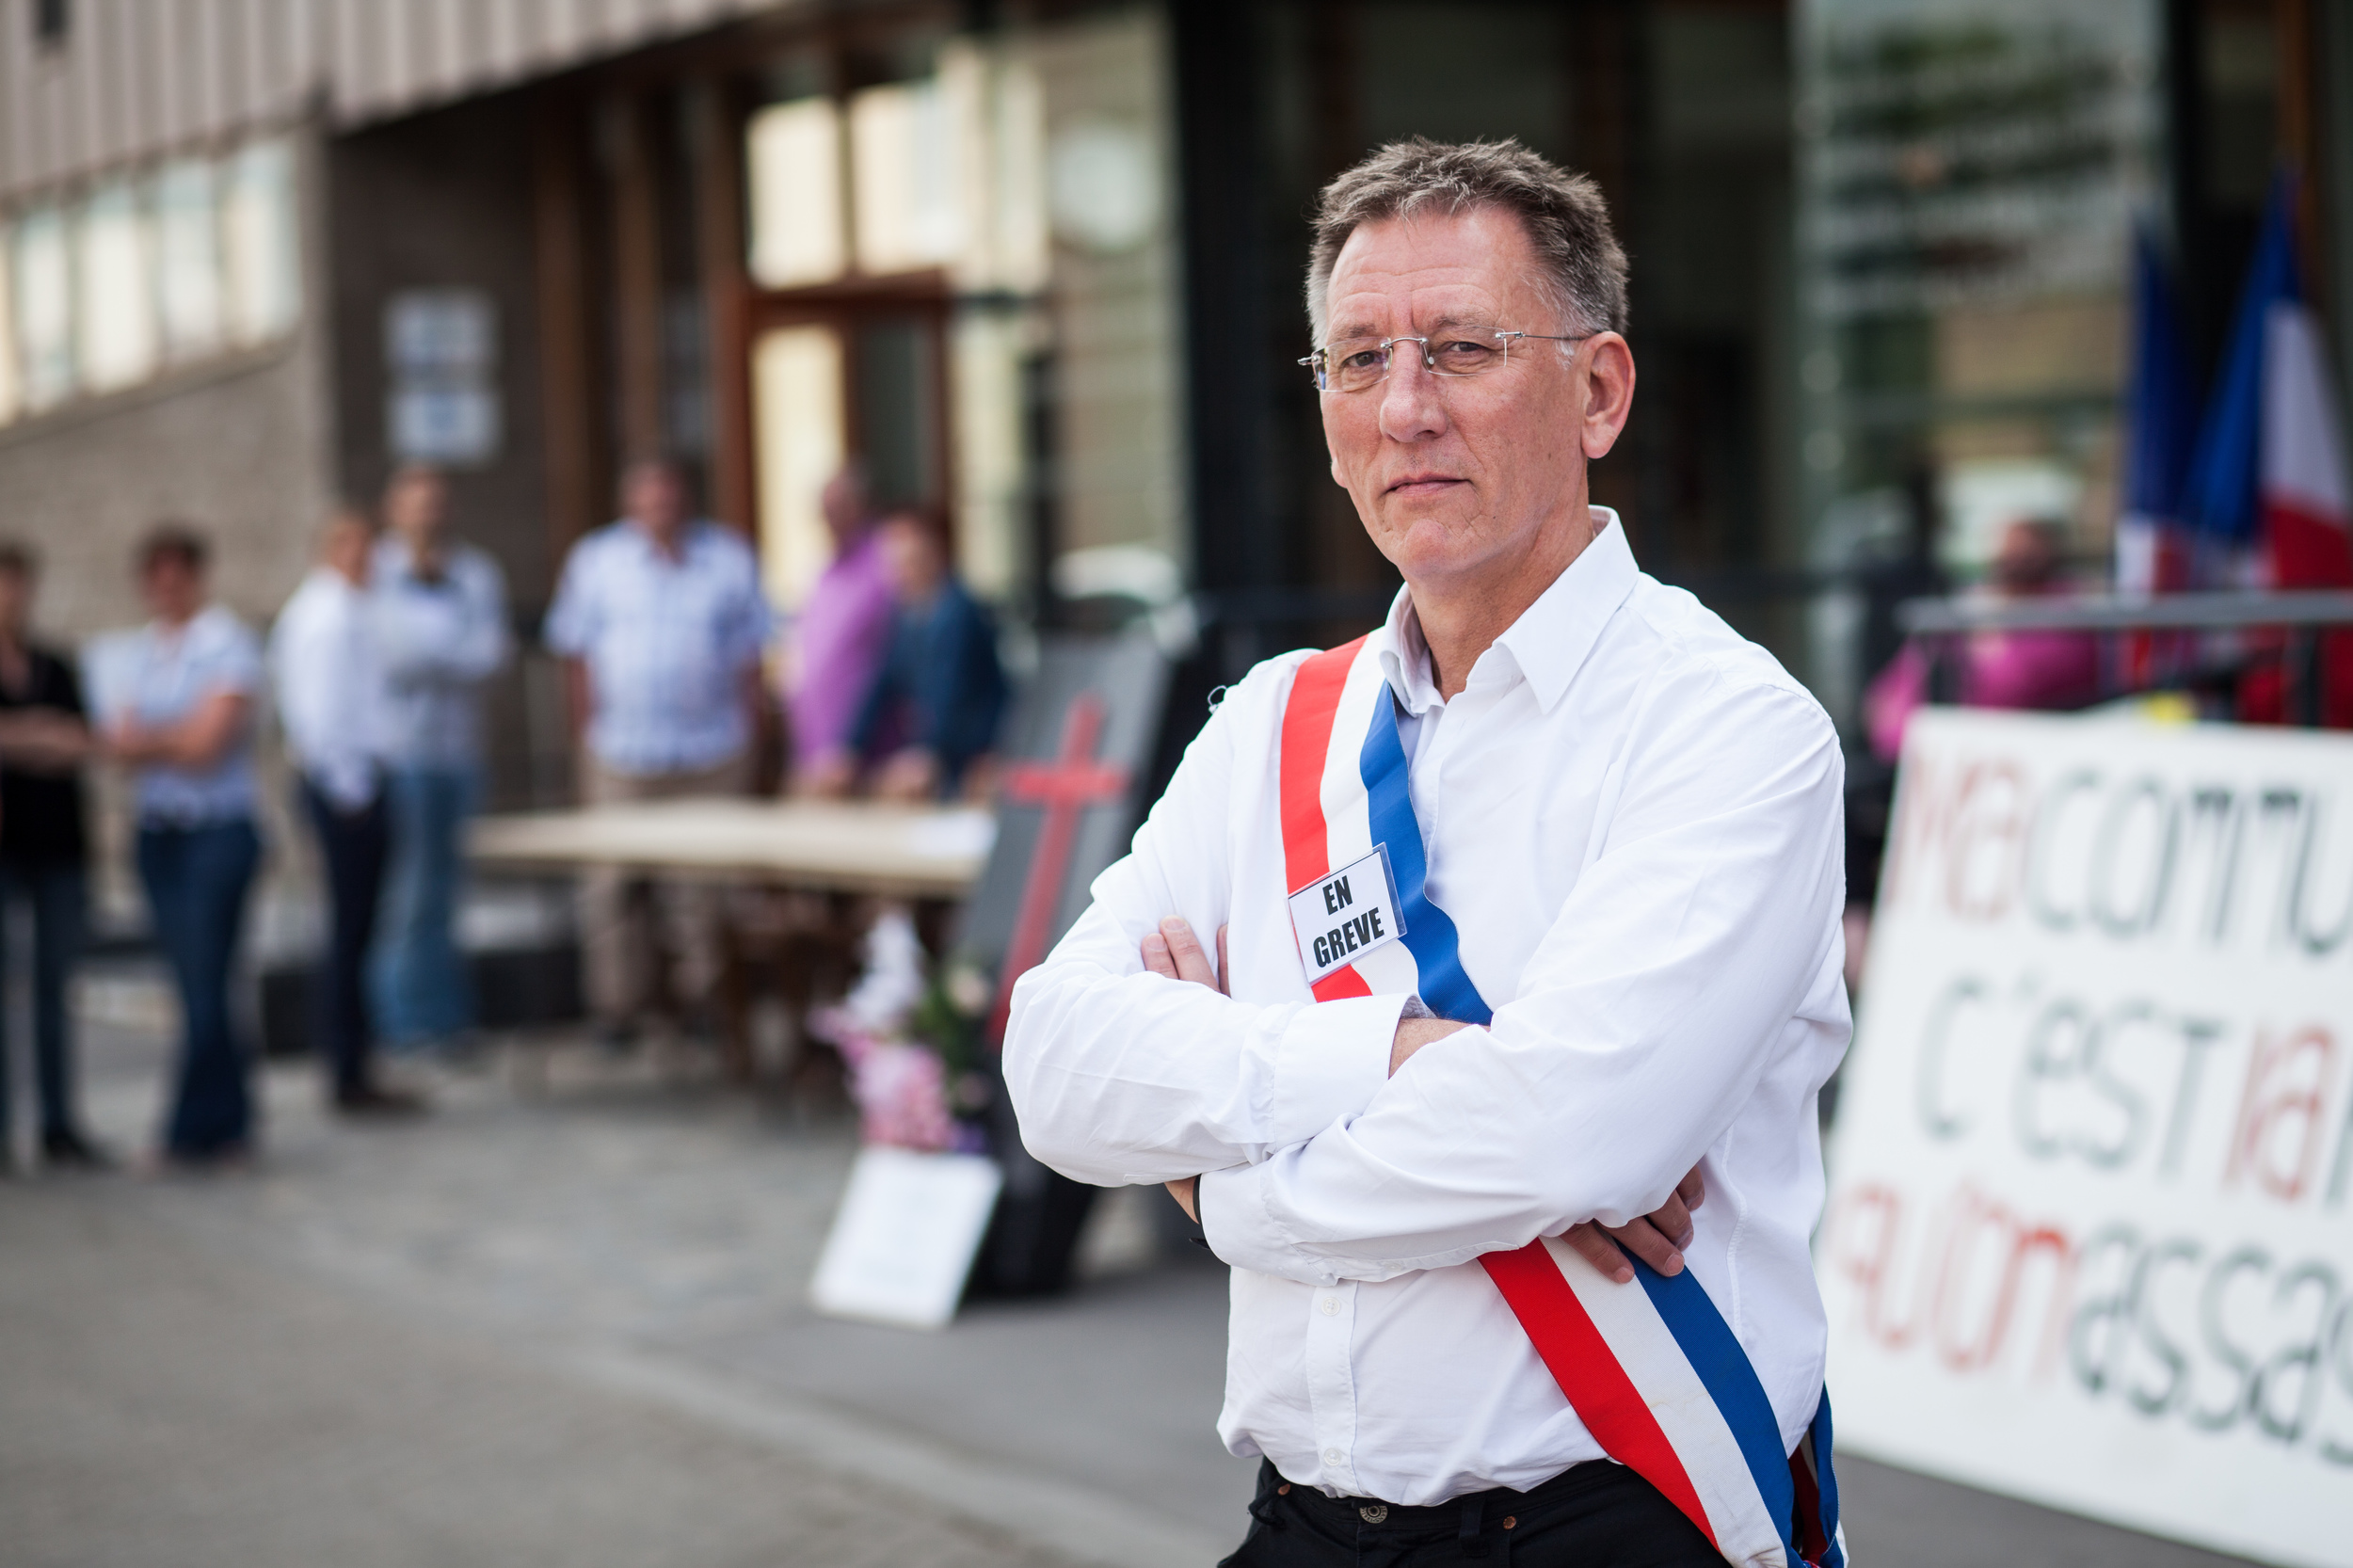 Freddy Kaczmarek, maire d'Auby (59). Manifestation devant les services municipaux de la ville. Le maire ainsi que l'équipe municipale se mettent en grève pour protester contre la réforme des collectivités.  Publié dans L'Humanité